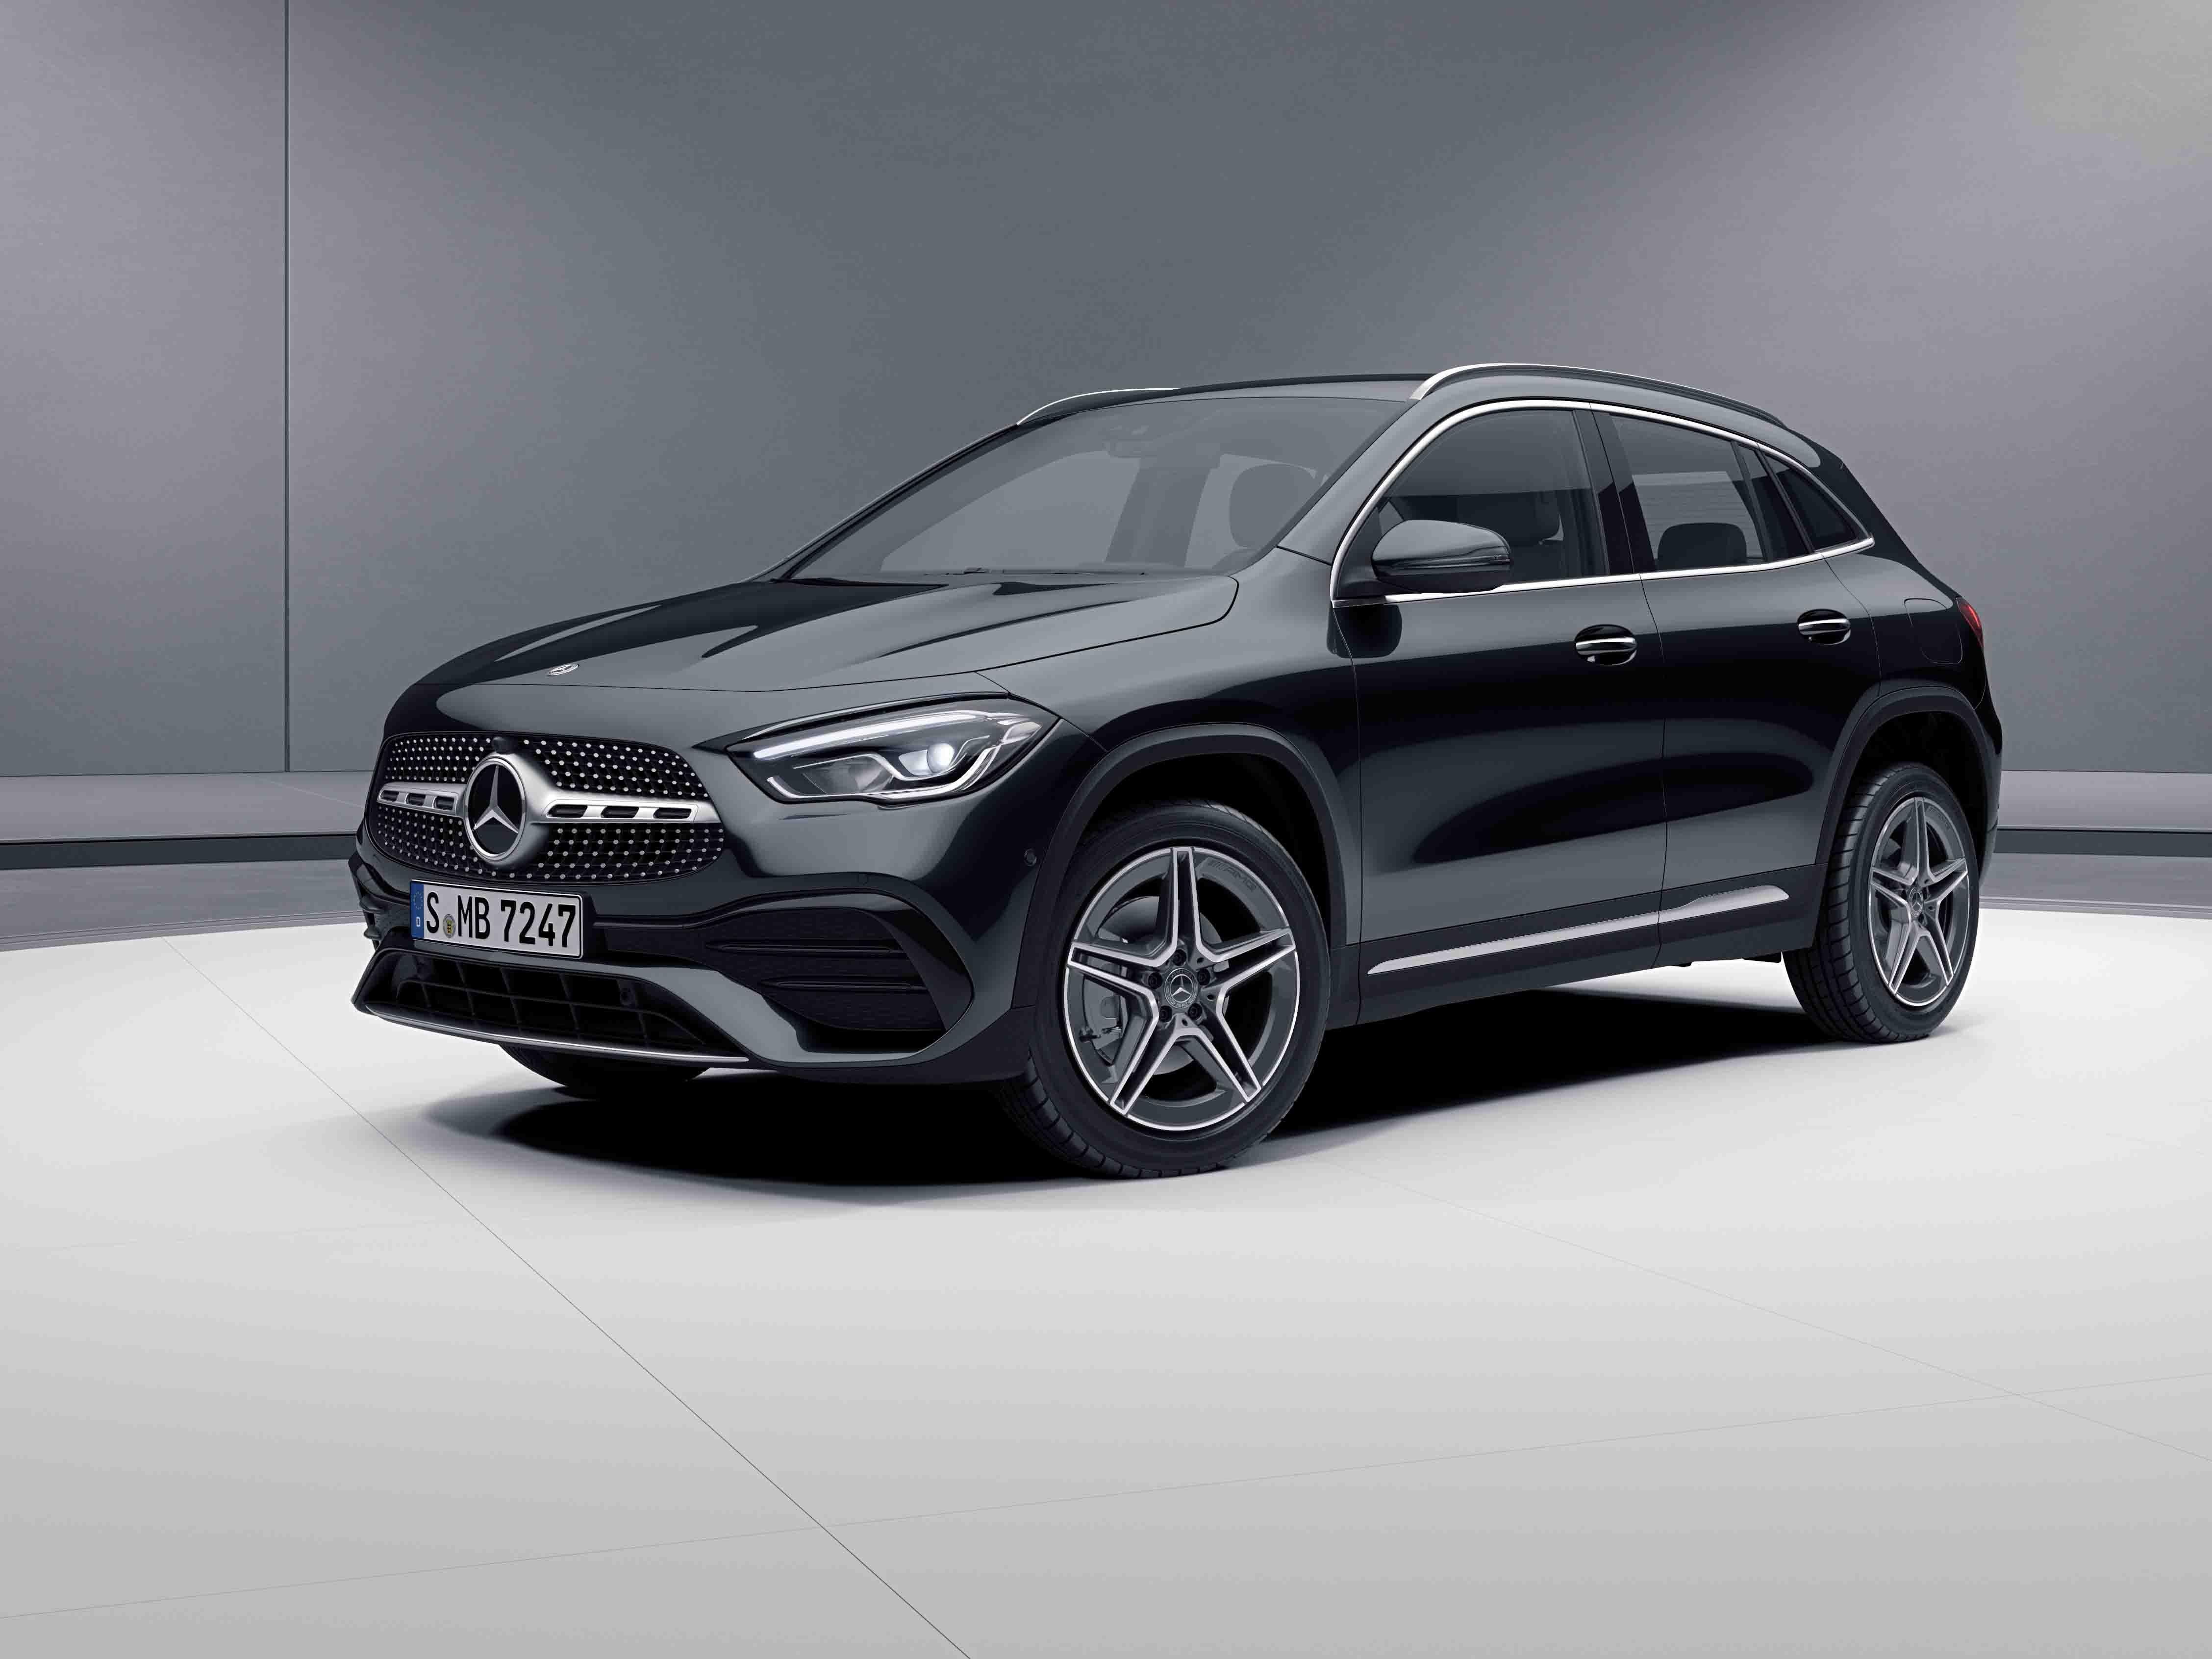 Vue de trois quarts de profil de la Mercedes GLA Limousine avec la peinture Métallisé - noir cosmos